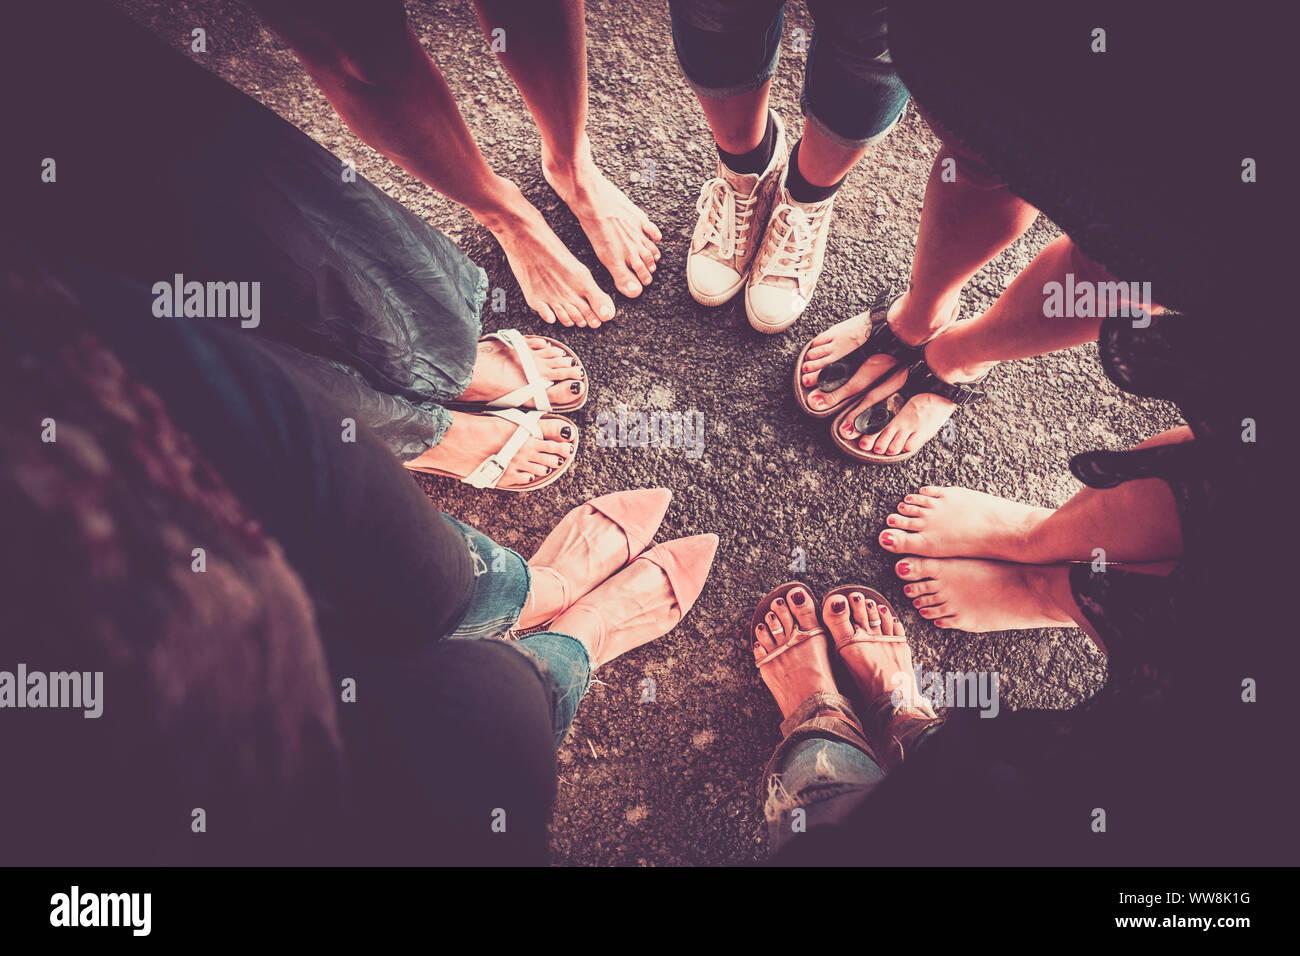 Groupe de femme de high point de vue avec 7 paire de pieds avec les chaussures et pieds nus sans. caucasian mesdames en été. vintage couleurs et le vignetage et l'ombre Banque D'Images